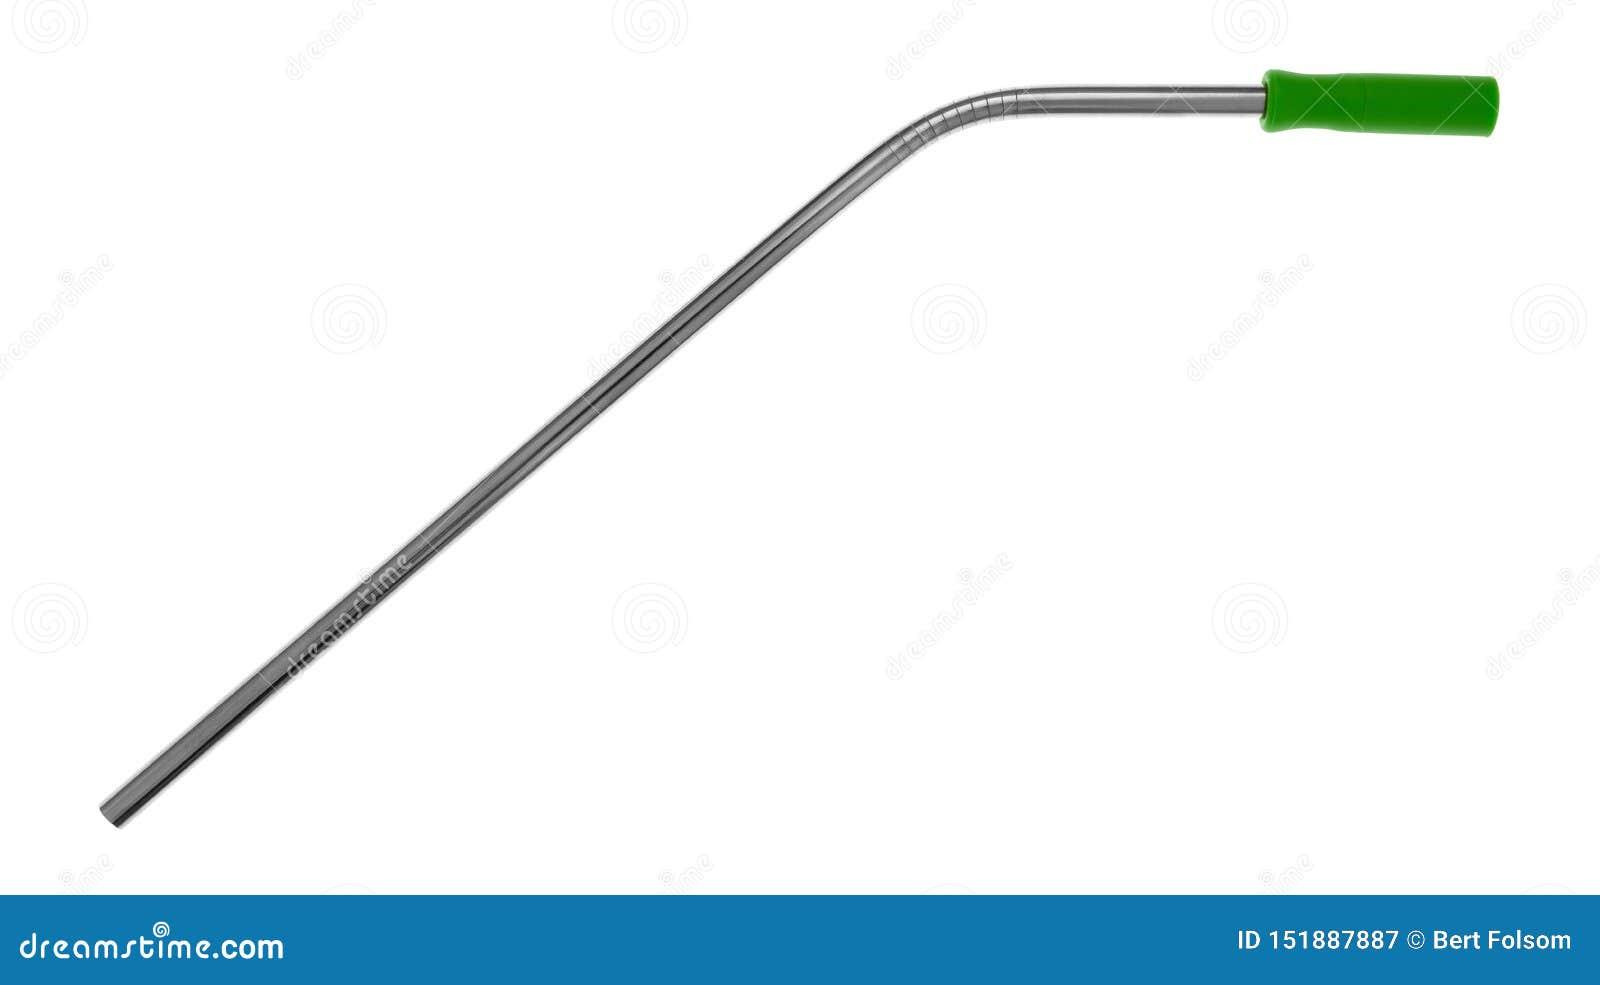 Paja de acero inoxidable del metal con una extremidad verde de la paja del silicón en un fondo blanco